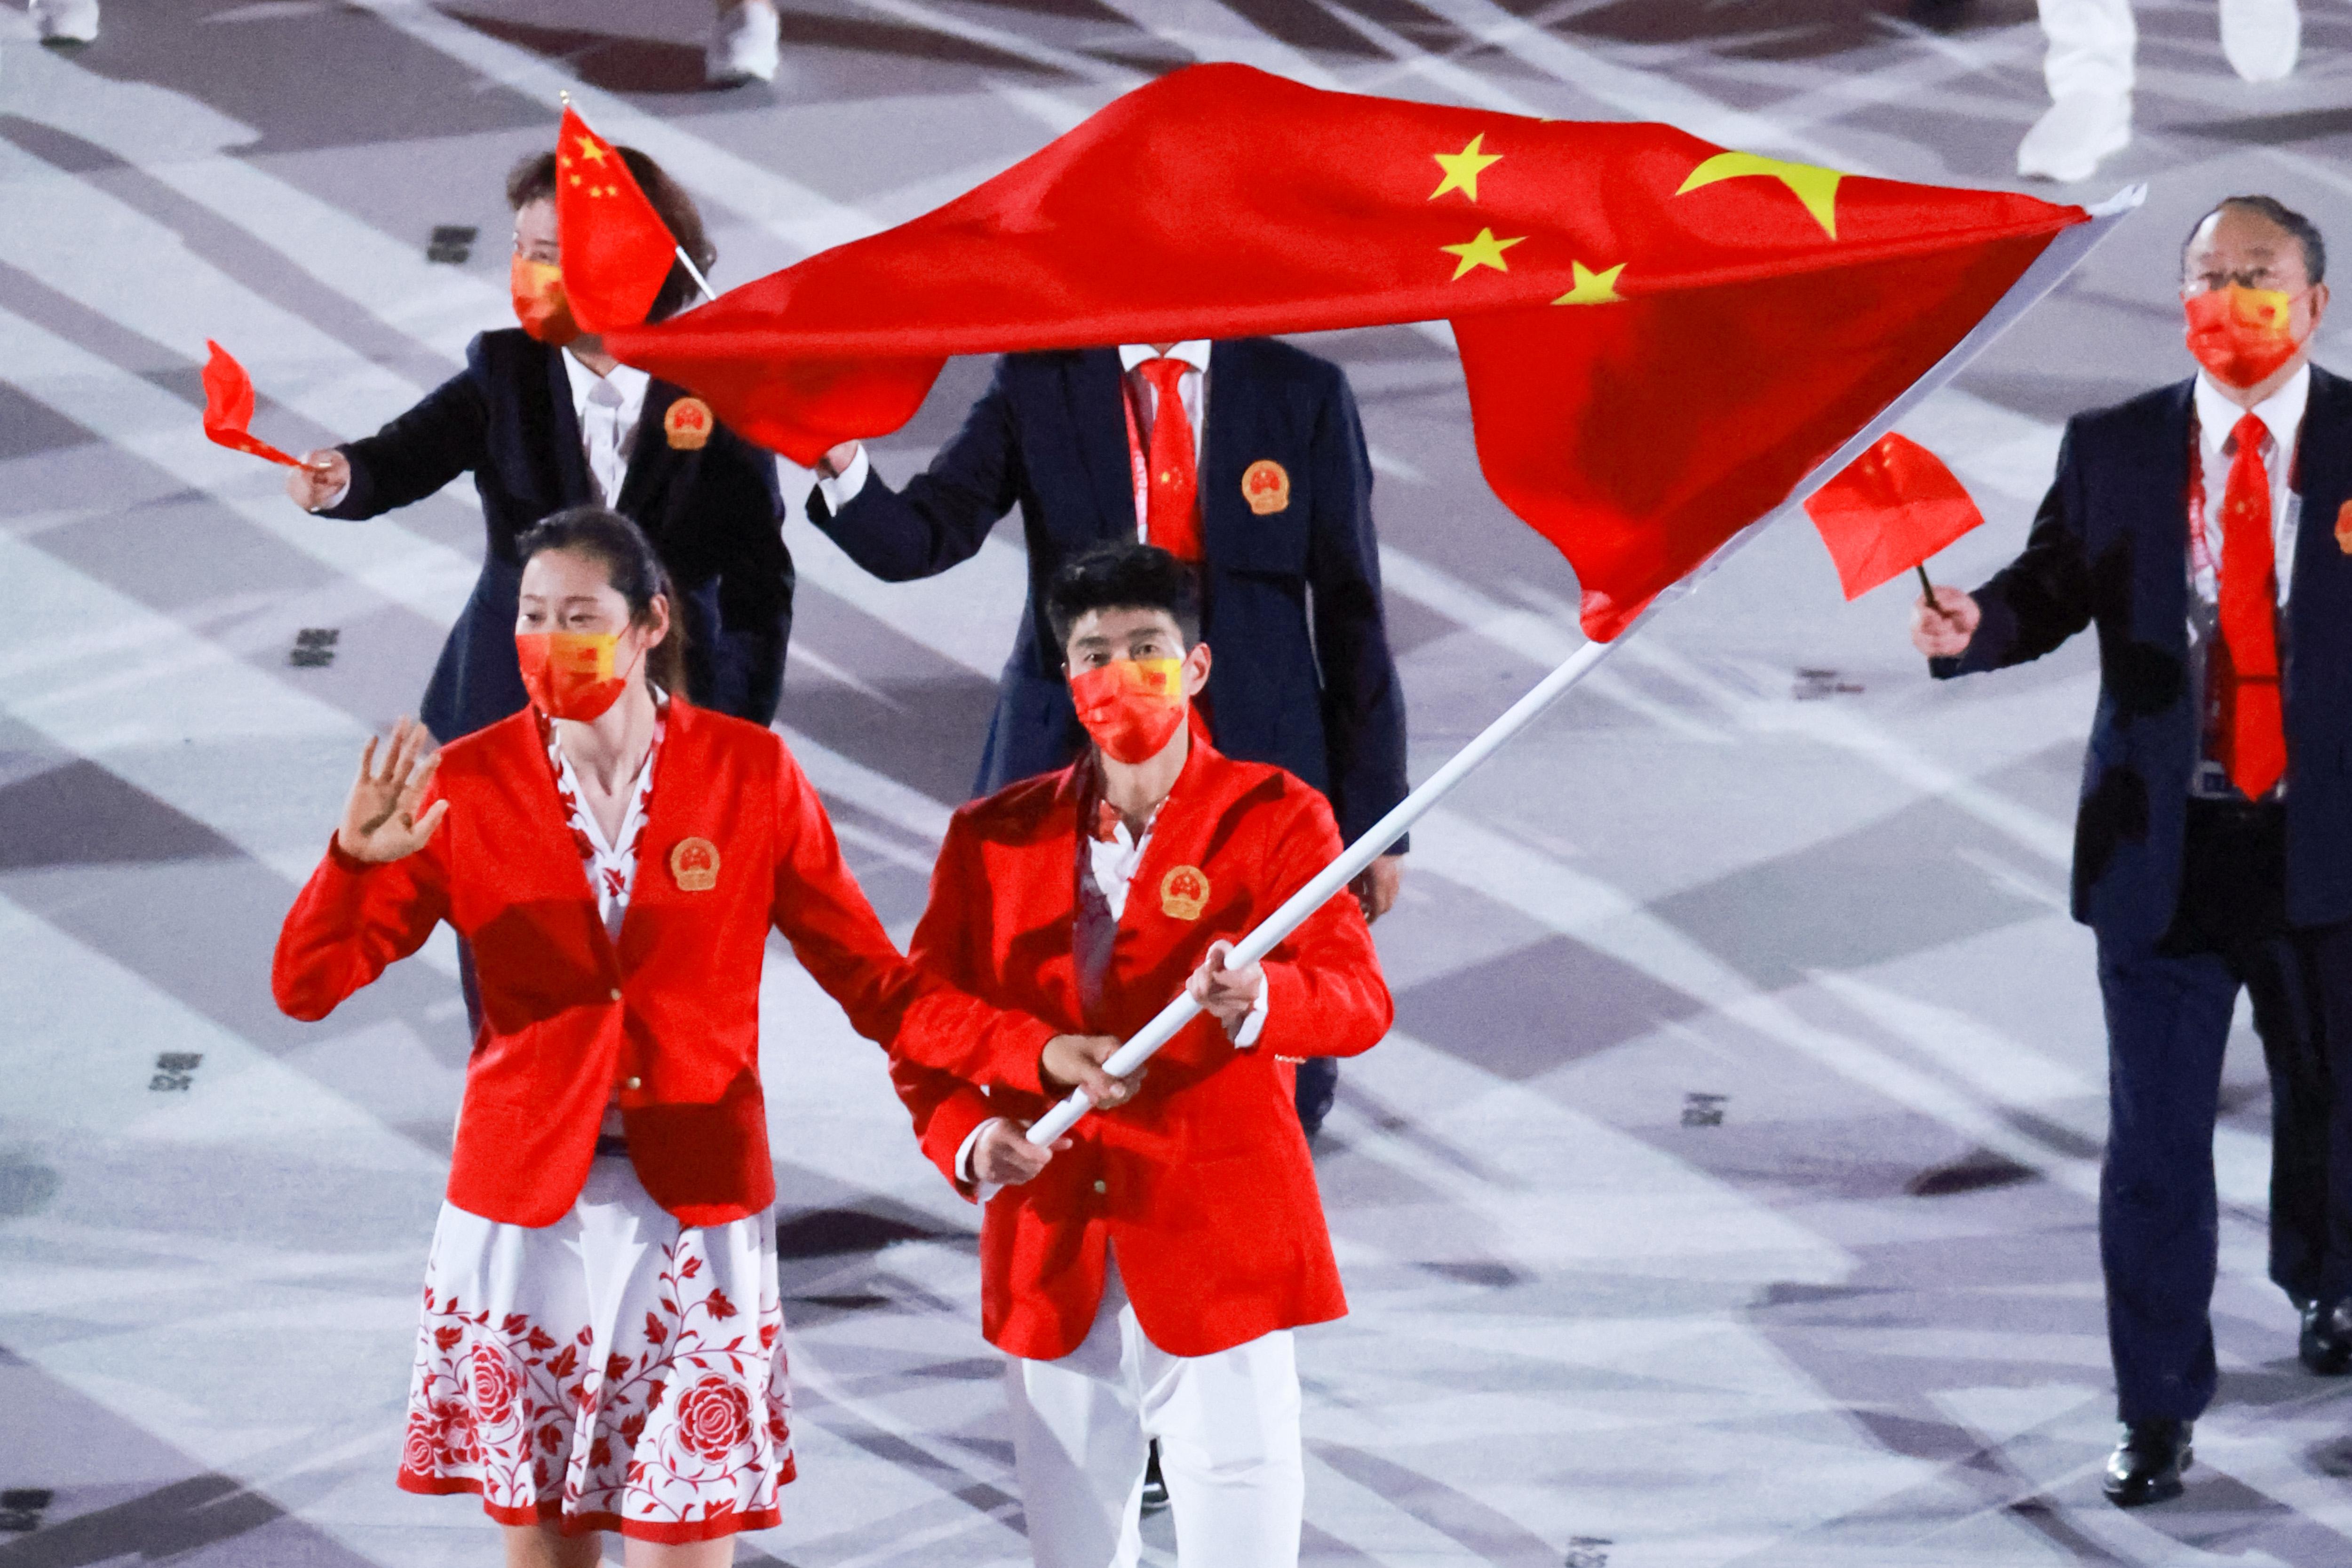 赵帅成为中国奥运代表团旗手。